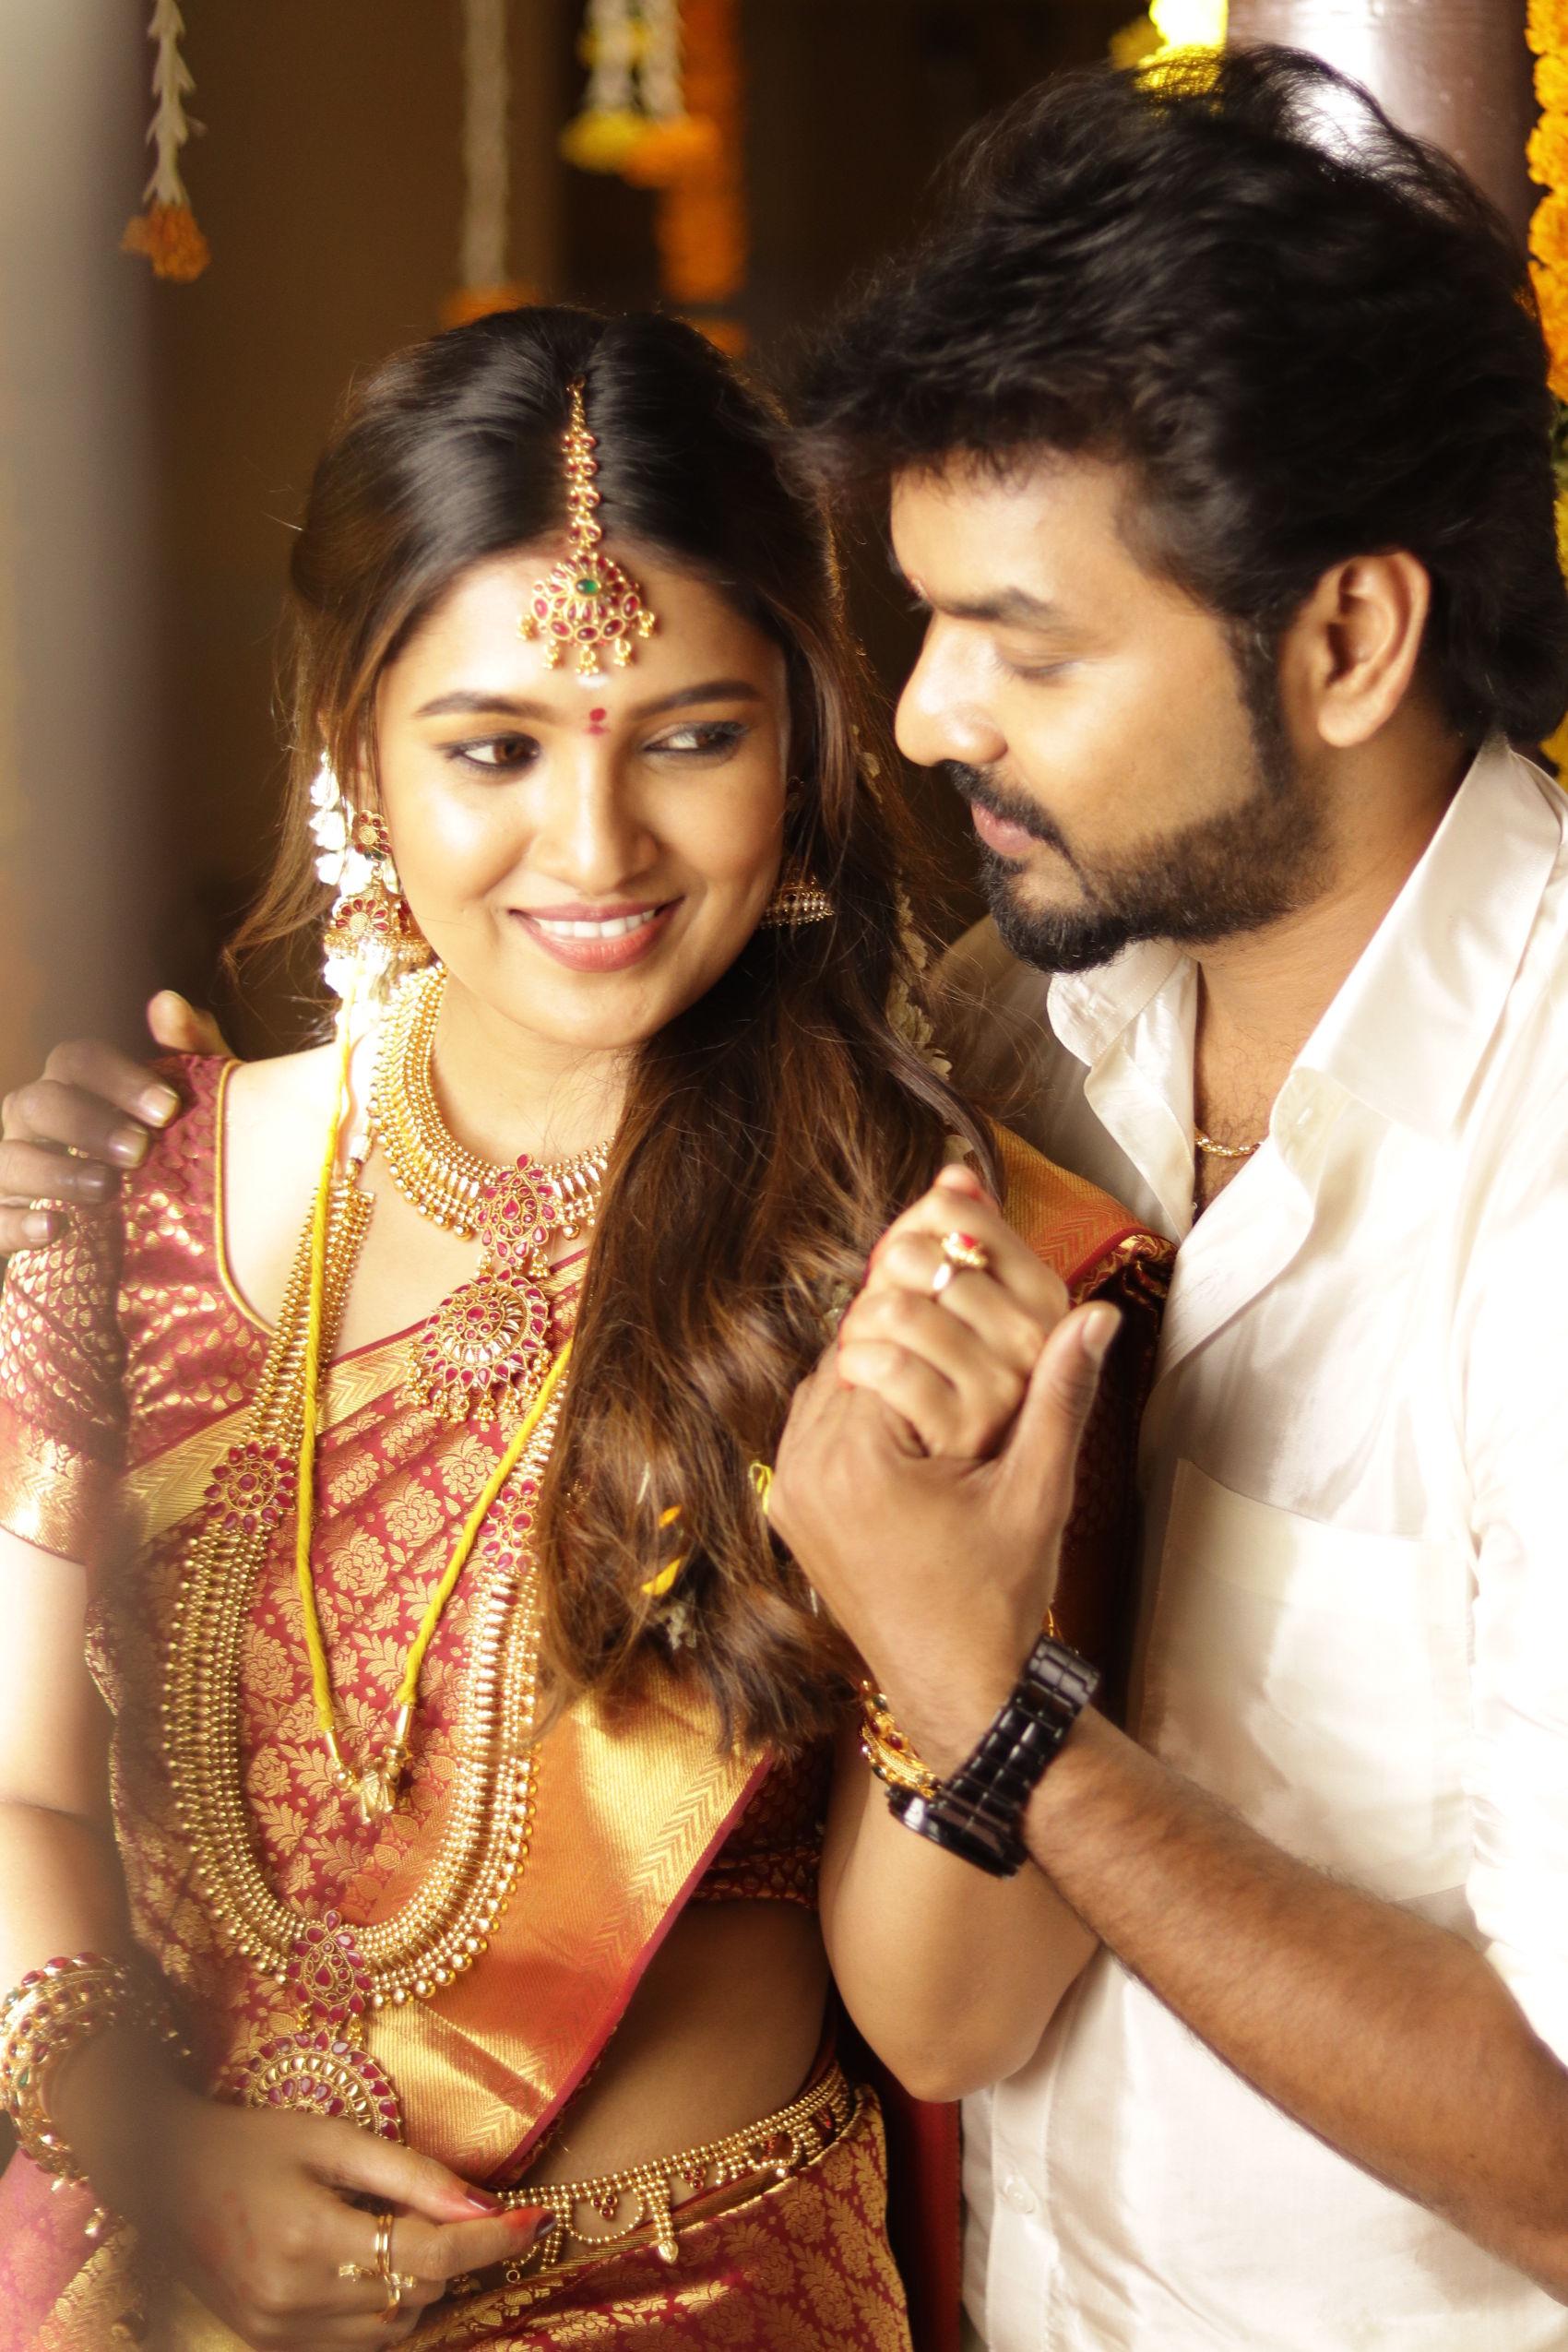 Jai & Vani Bhojan Triples Movie Romantic song Nee En Kannadi Out now